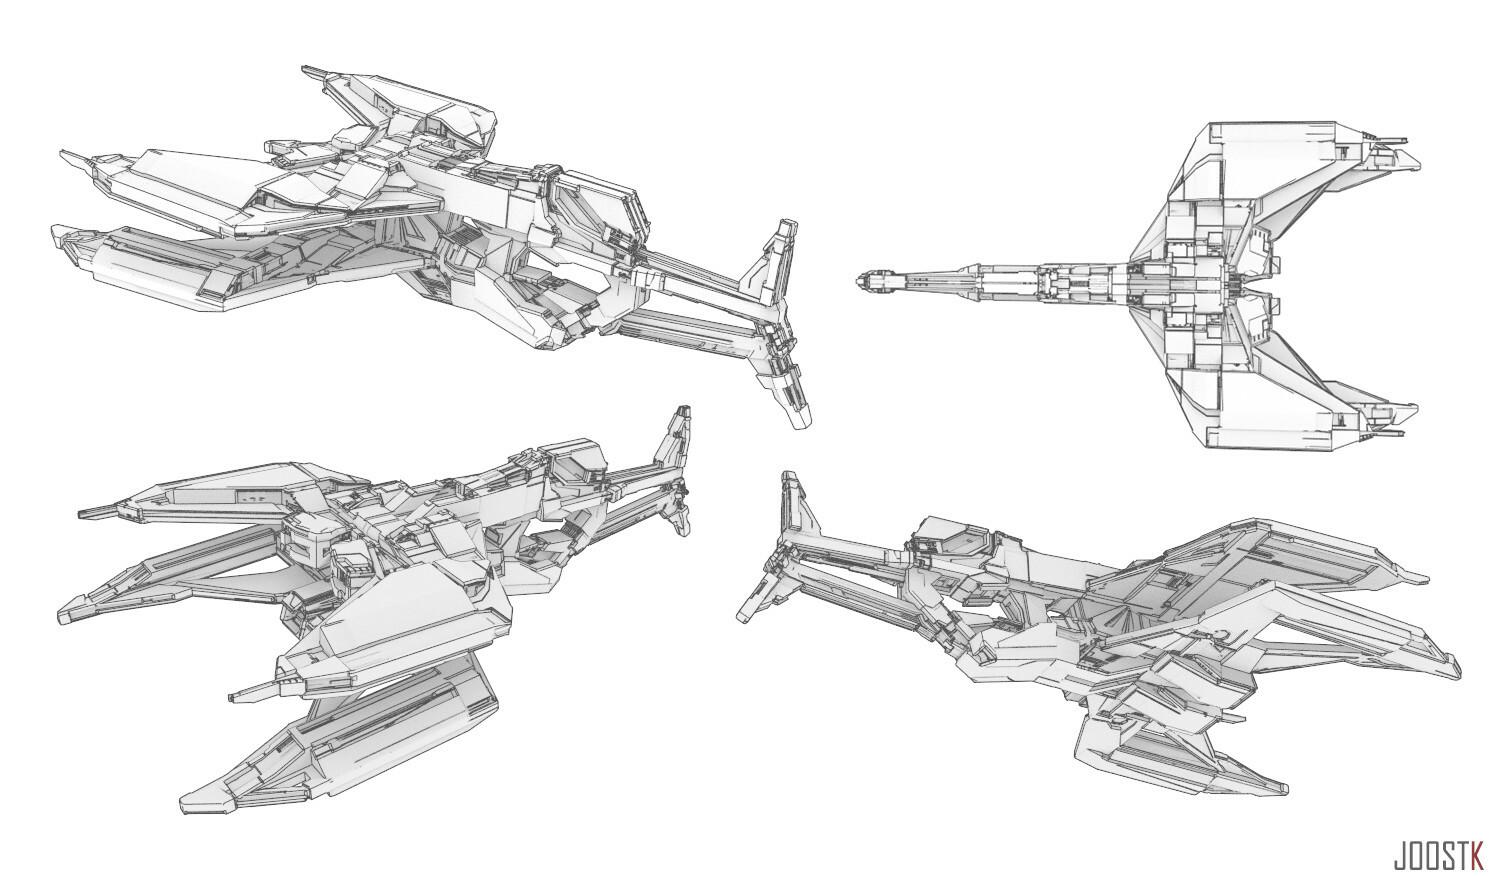 Spaceship Concepts